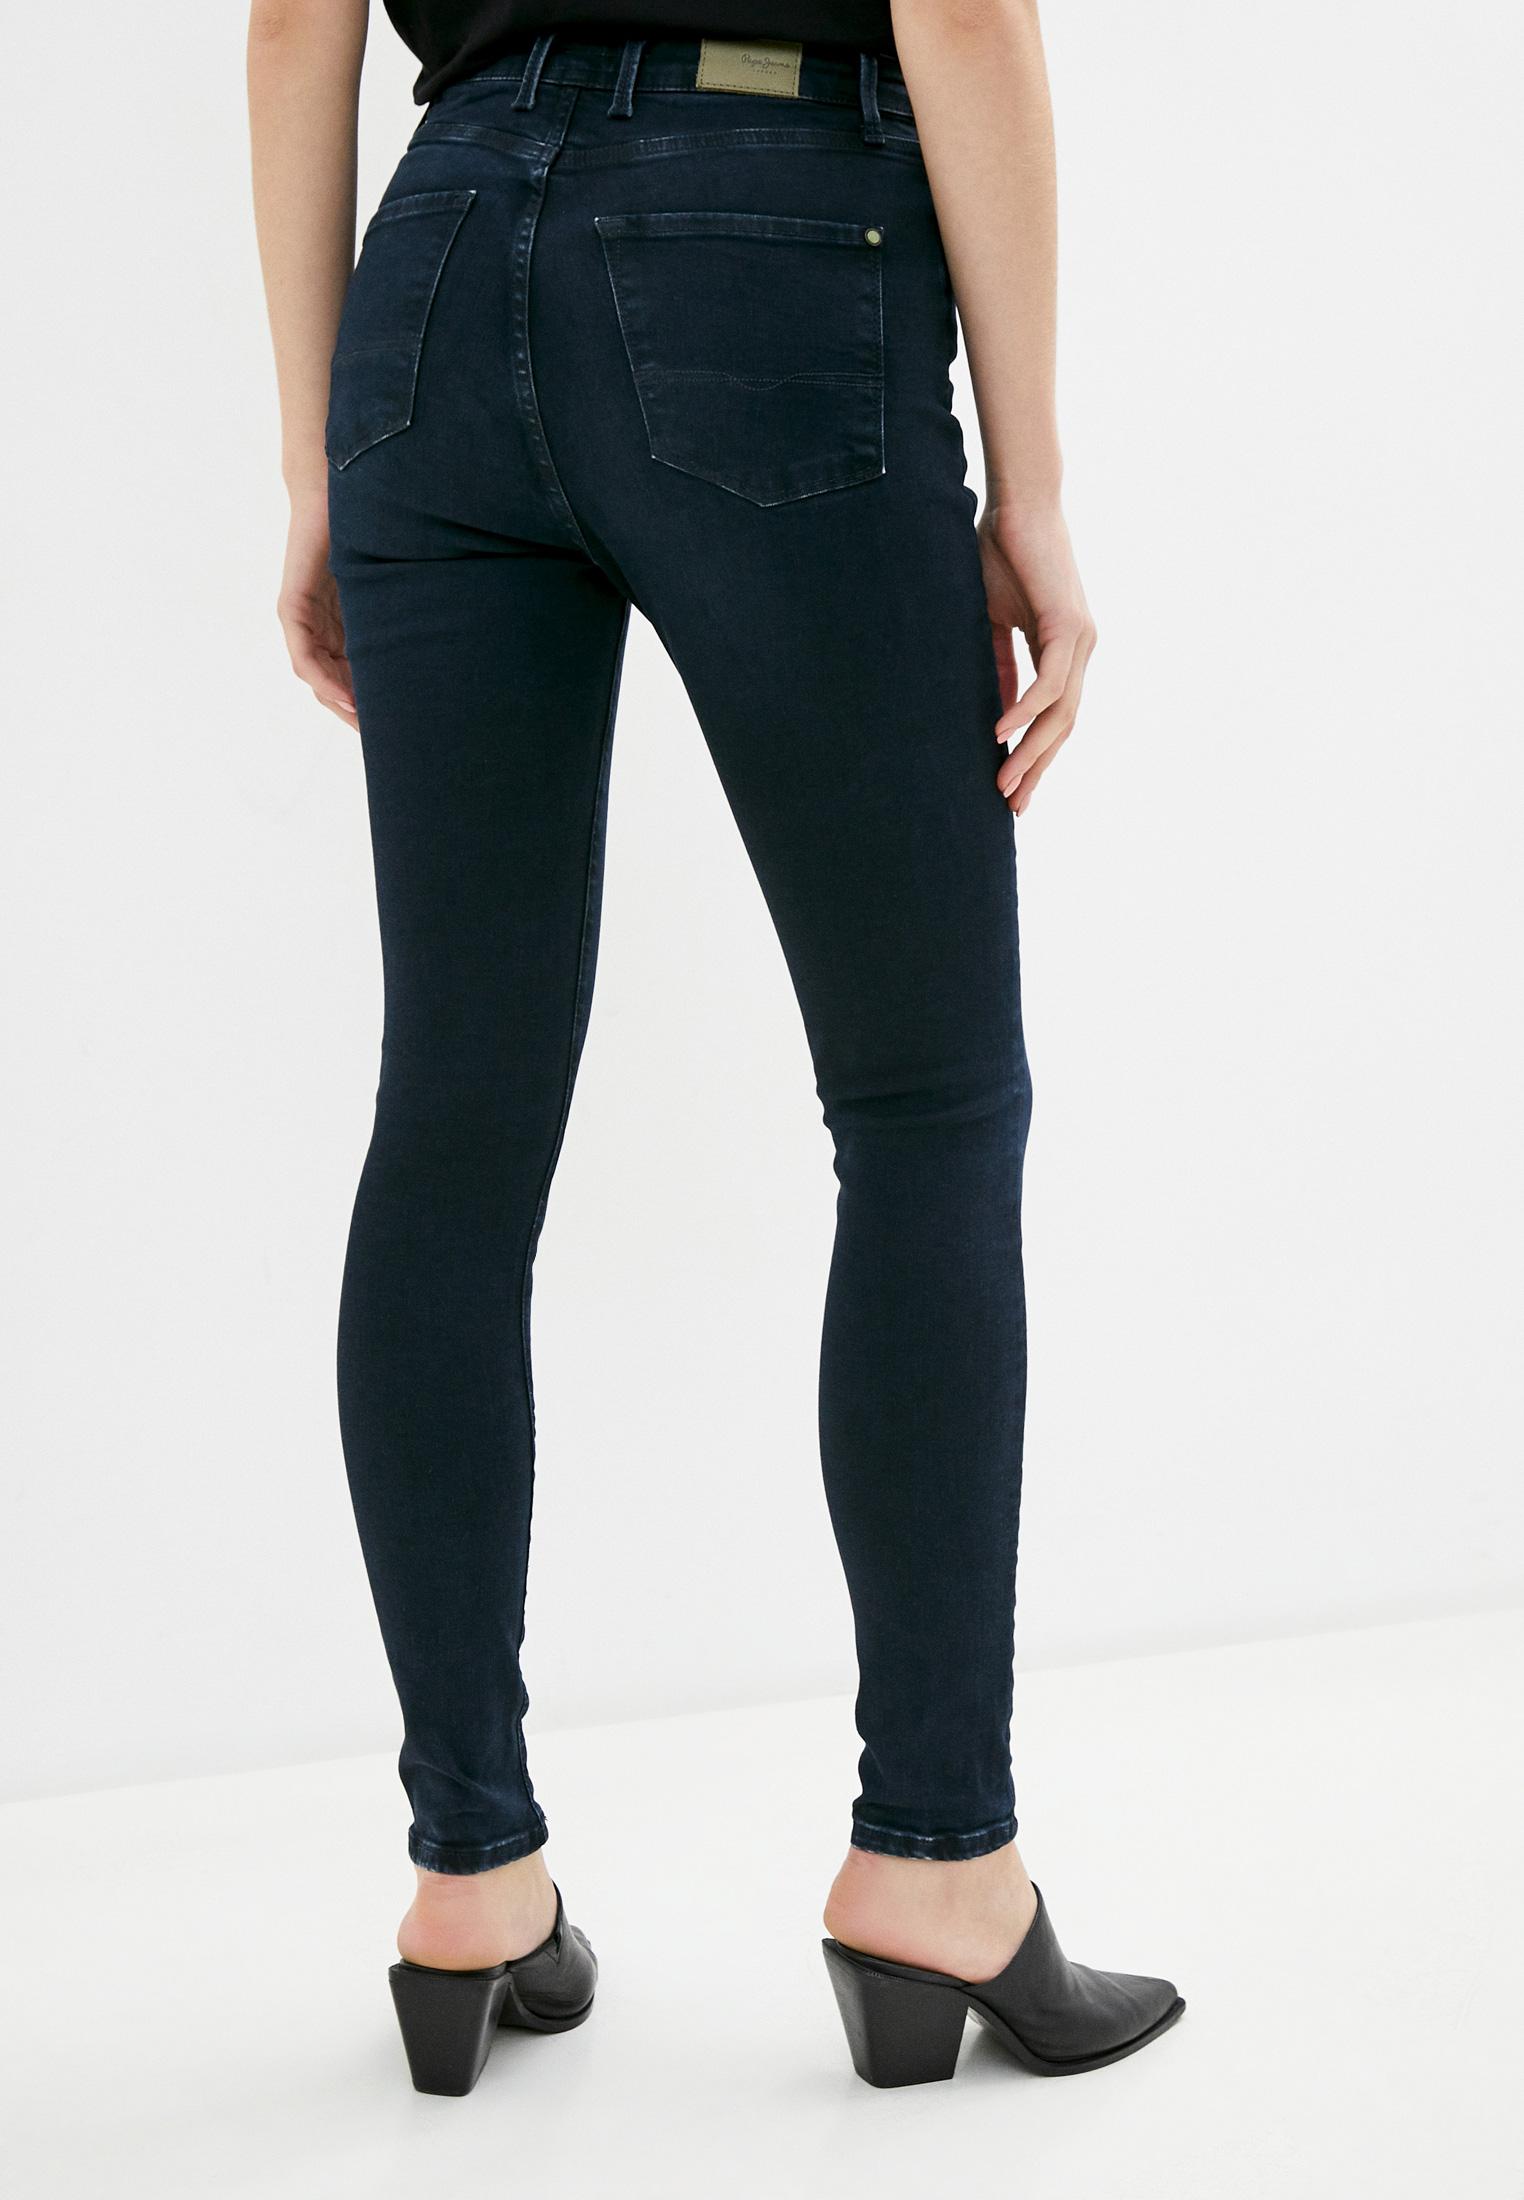 Зауженные джинсы Pepe Jeans (Пепе Джинс) PL202285WQ0: изображение 3